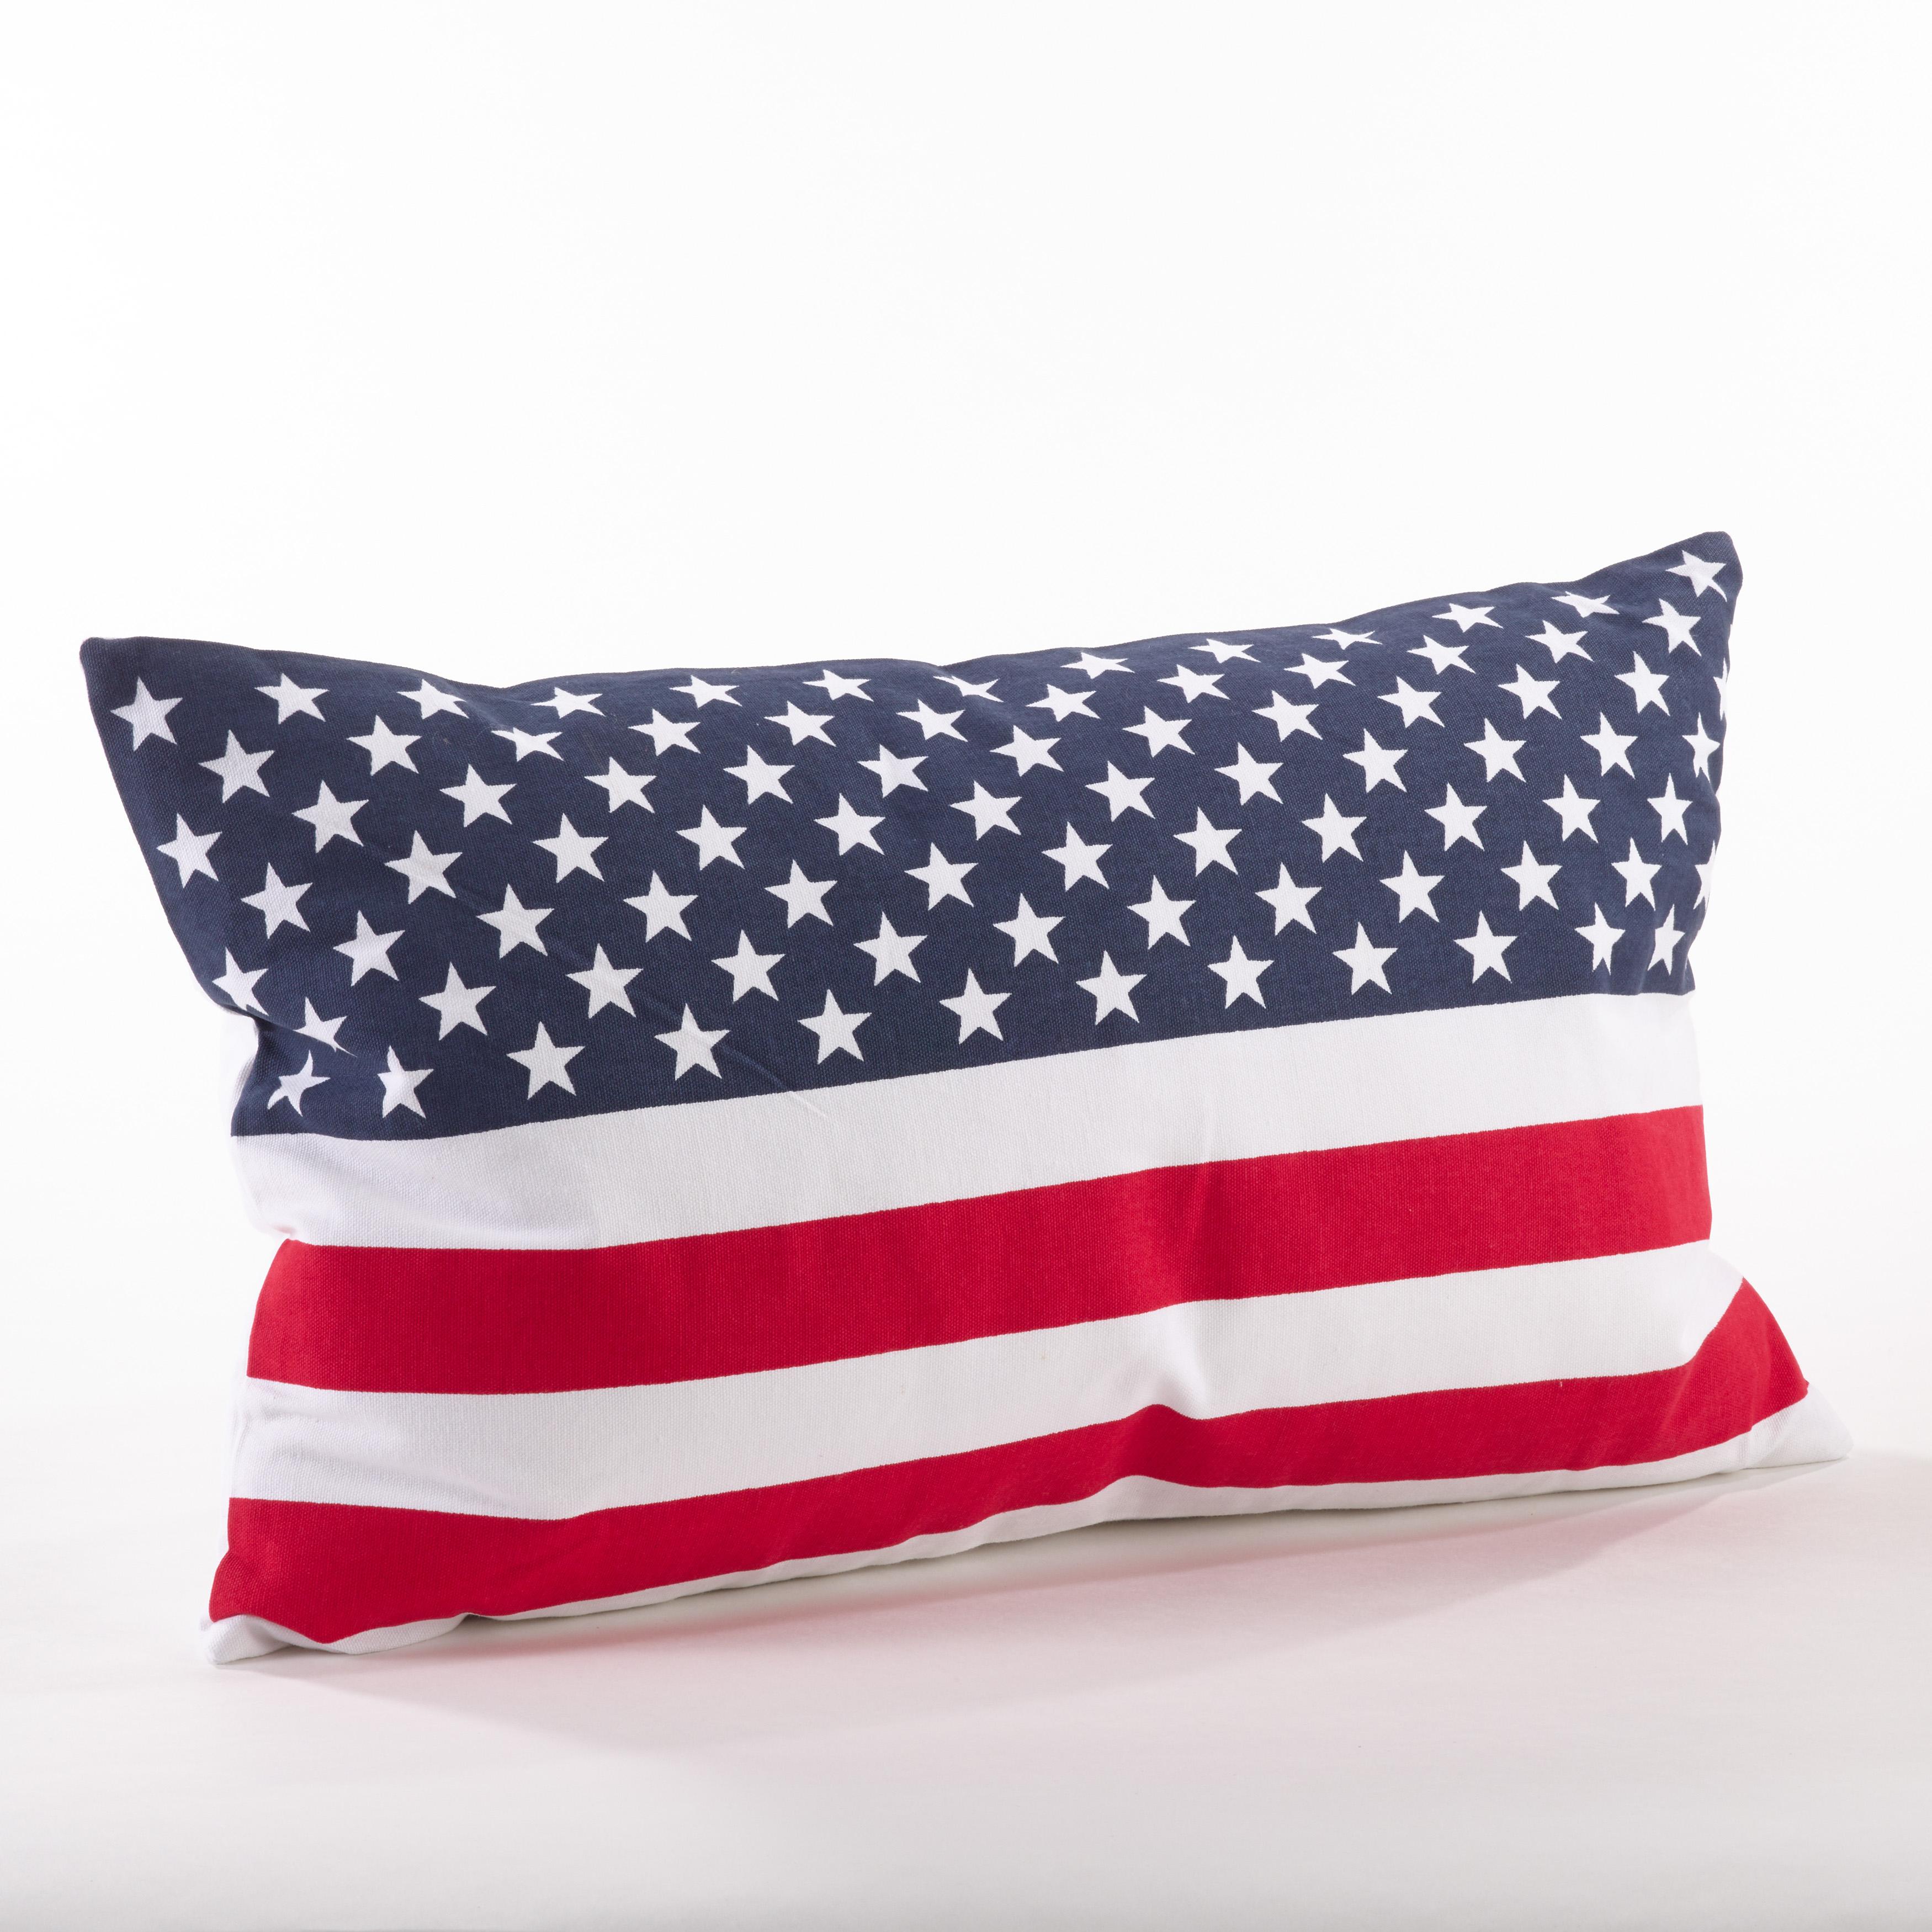 American Flag Design Cotton Down Filled Throw Pillow - Saro Lifestyle 0704P.M1423B